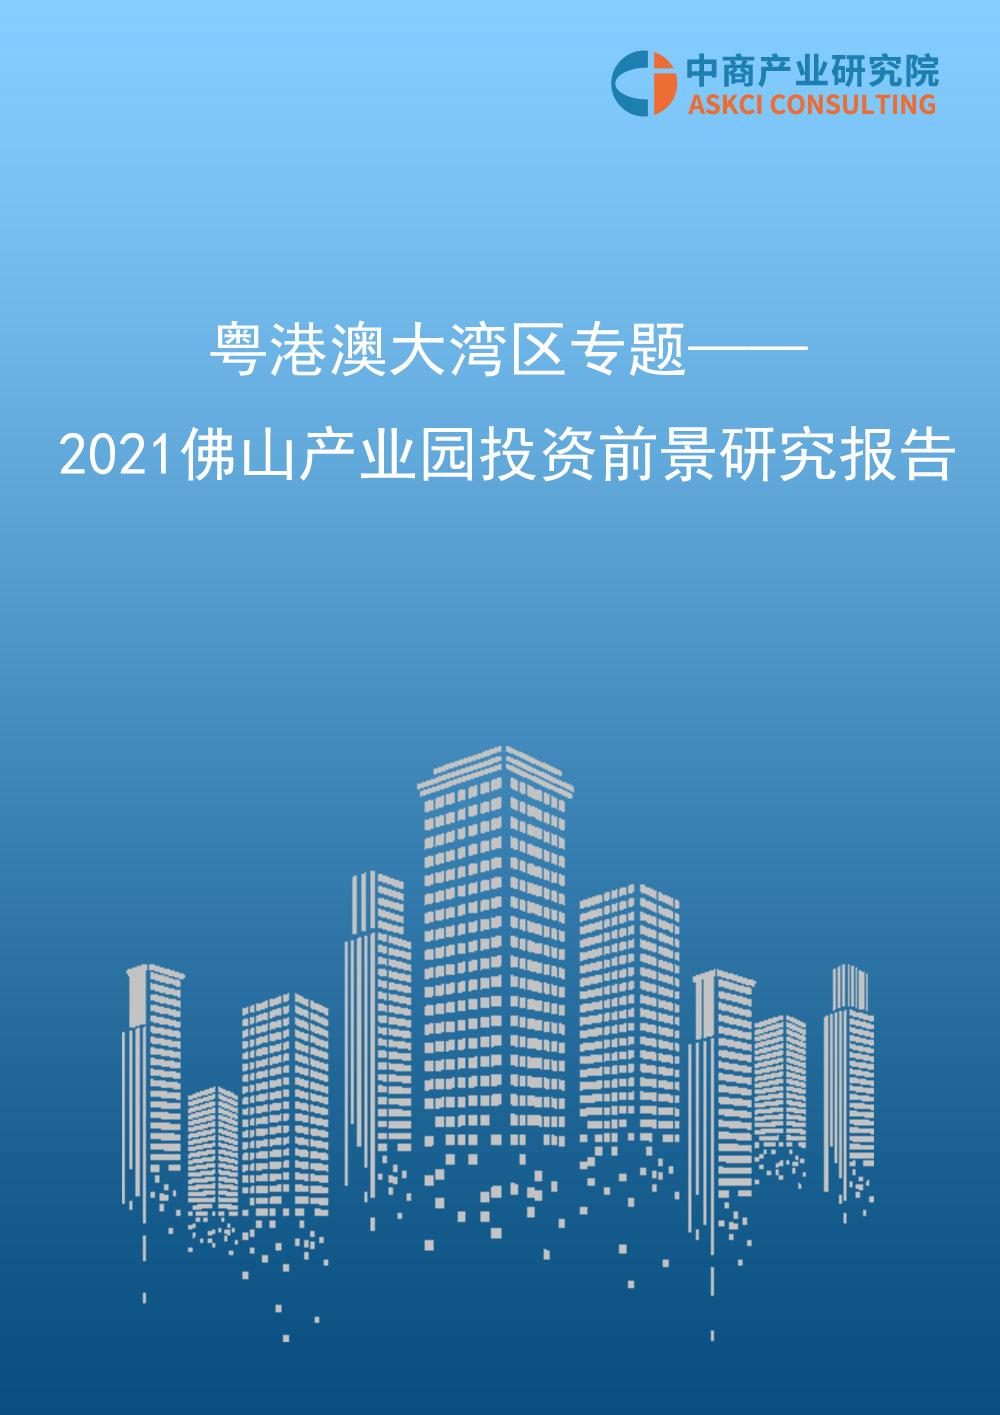 《粤港澳大湾区专题——2021佛山产业园投资前景研究报告》